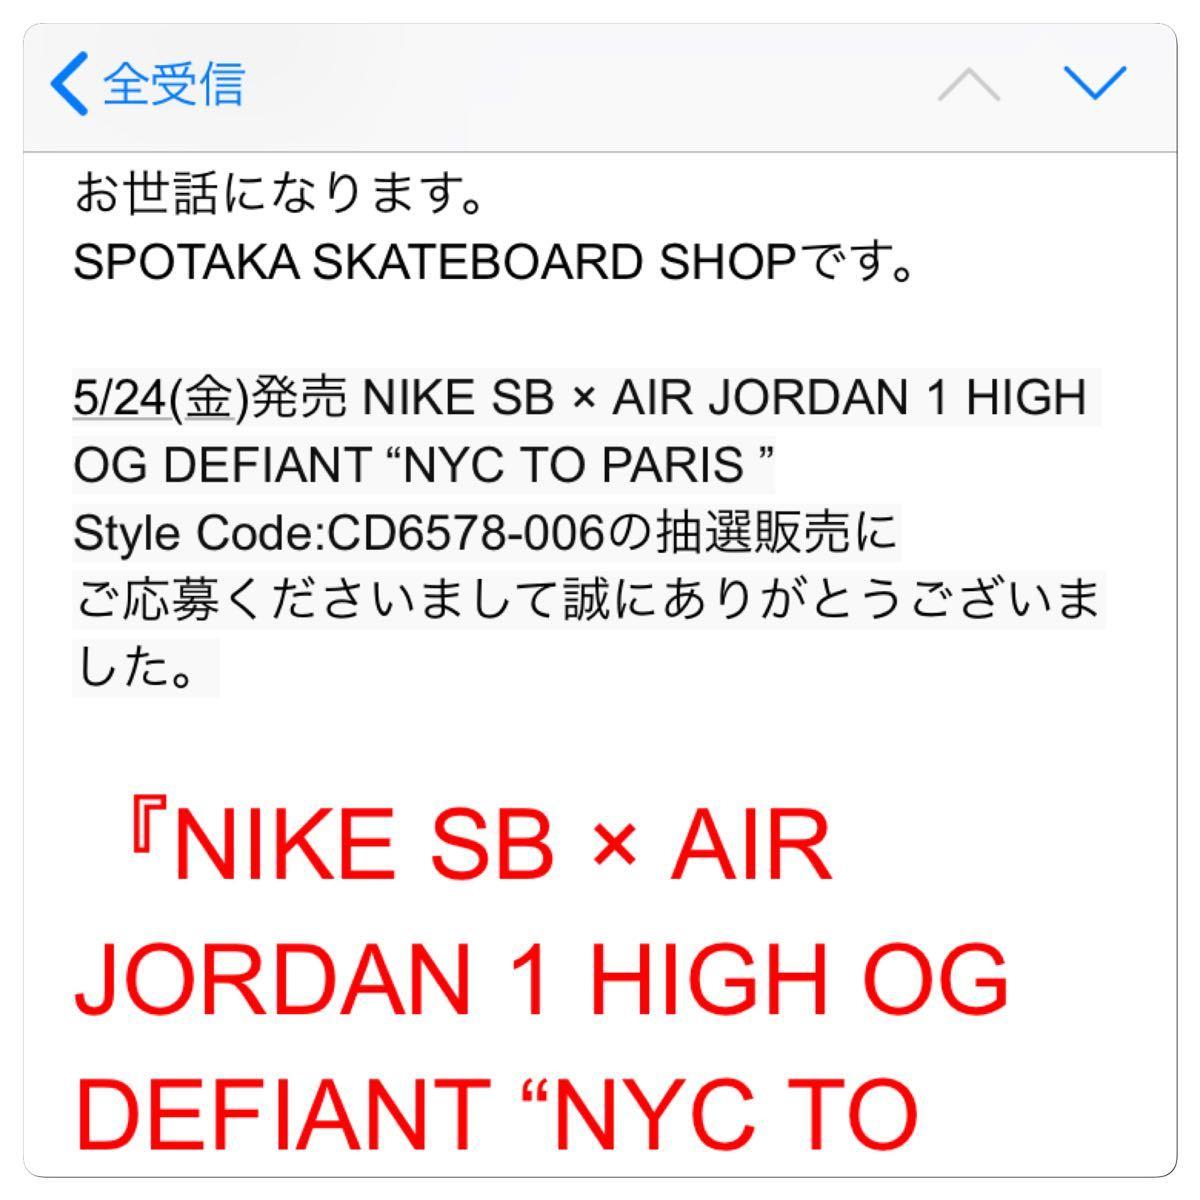 """【新品未使用】NIKE SB × AIR JORDAN 1 HIGH OG DEFIANT """"NYC TO PARIS """" 27.5cm LIGHT BONE ナイキ エアジョーダン当選 US9.5_画像2"""